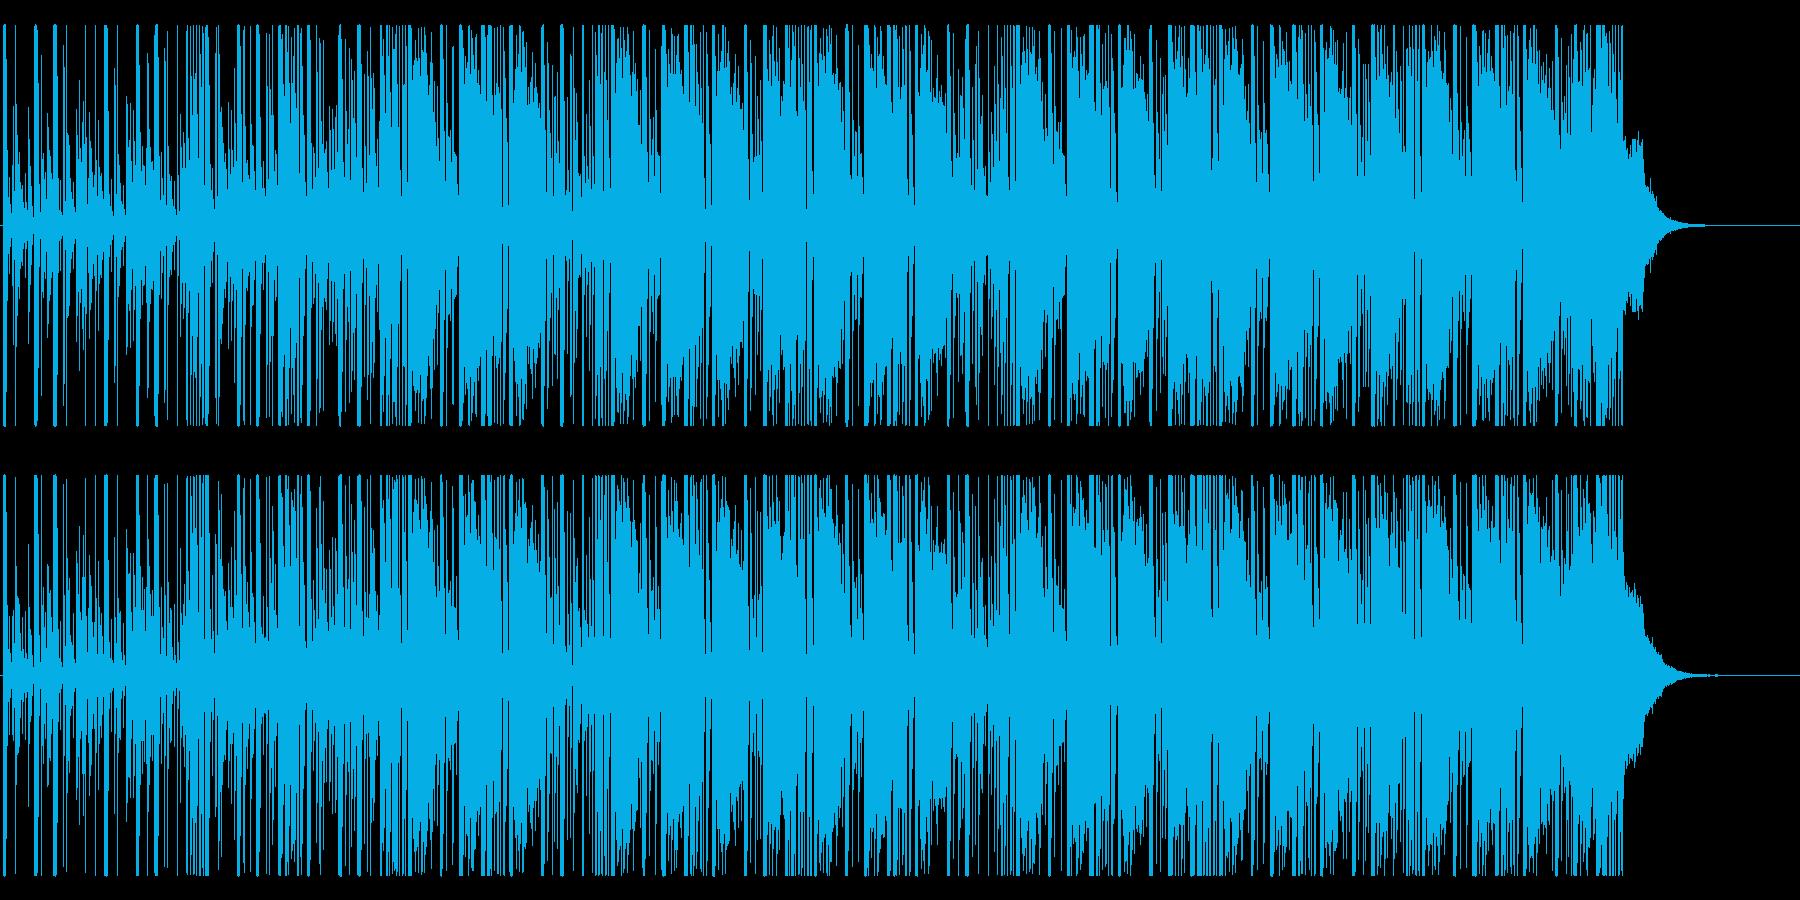 迫りくる恐怖/ビート主体の不気味なBGMの再生済みの波形